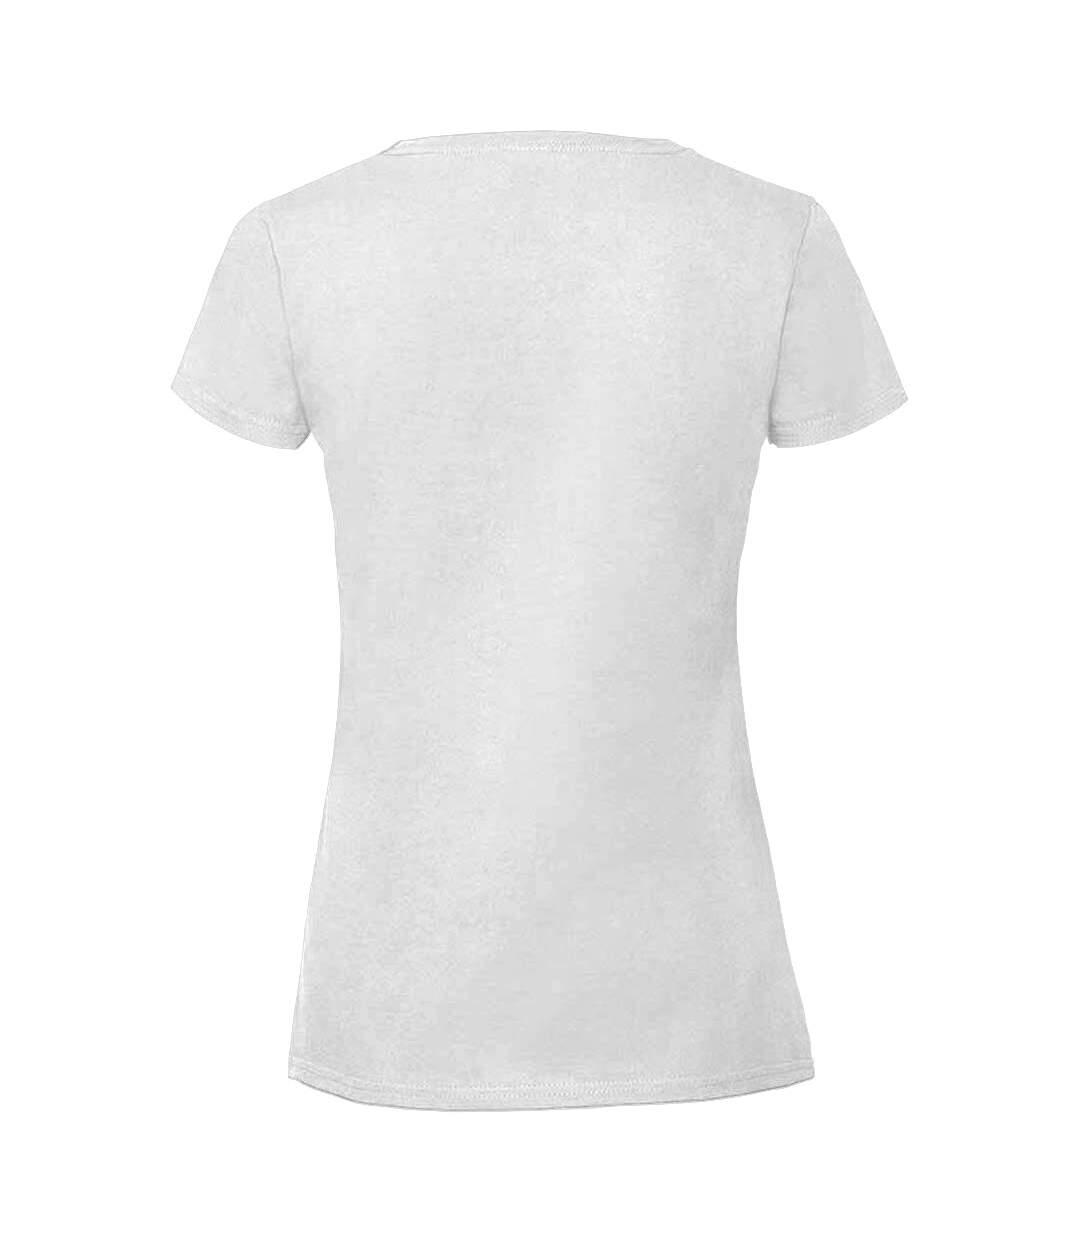 Fruit Of The Loom - T-Shirt Ajusté De Qualité - Femme (Blanc) - UTRW5975